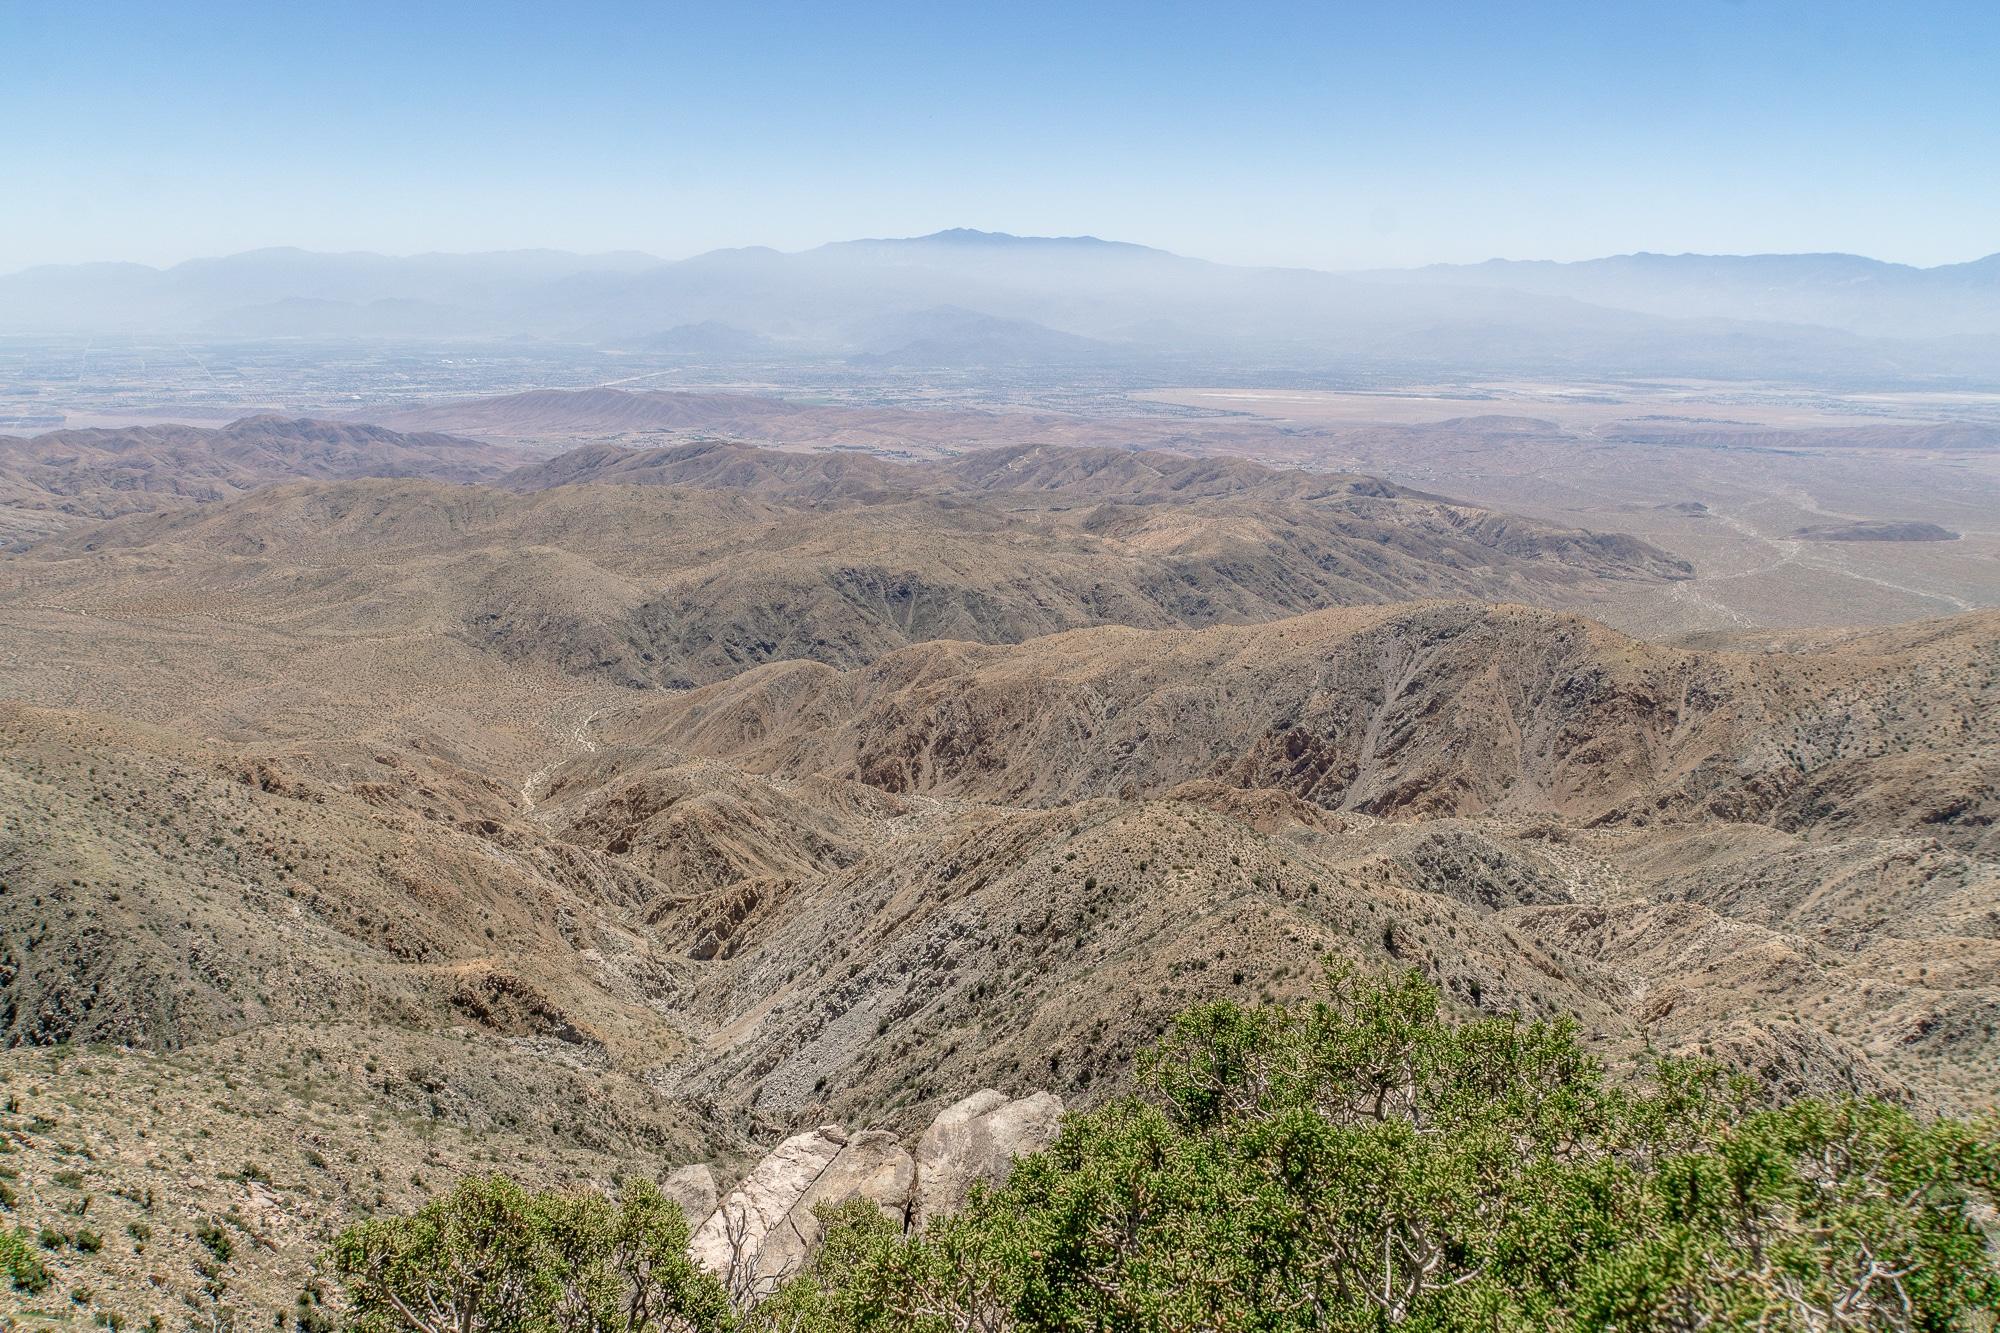 Joshua-Tree-Nationalpark: Die schönsten Sehenswürdigkeiten & Highlights - Keys View